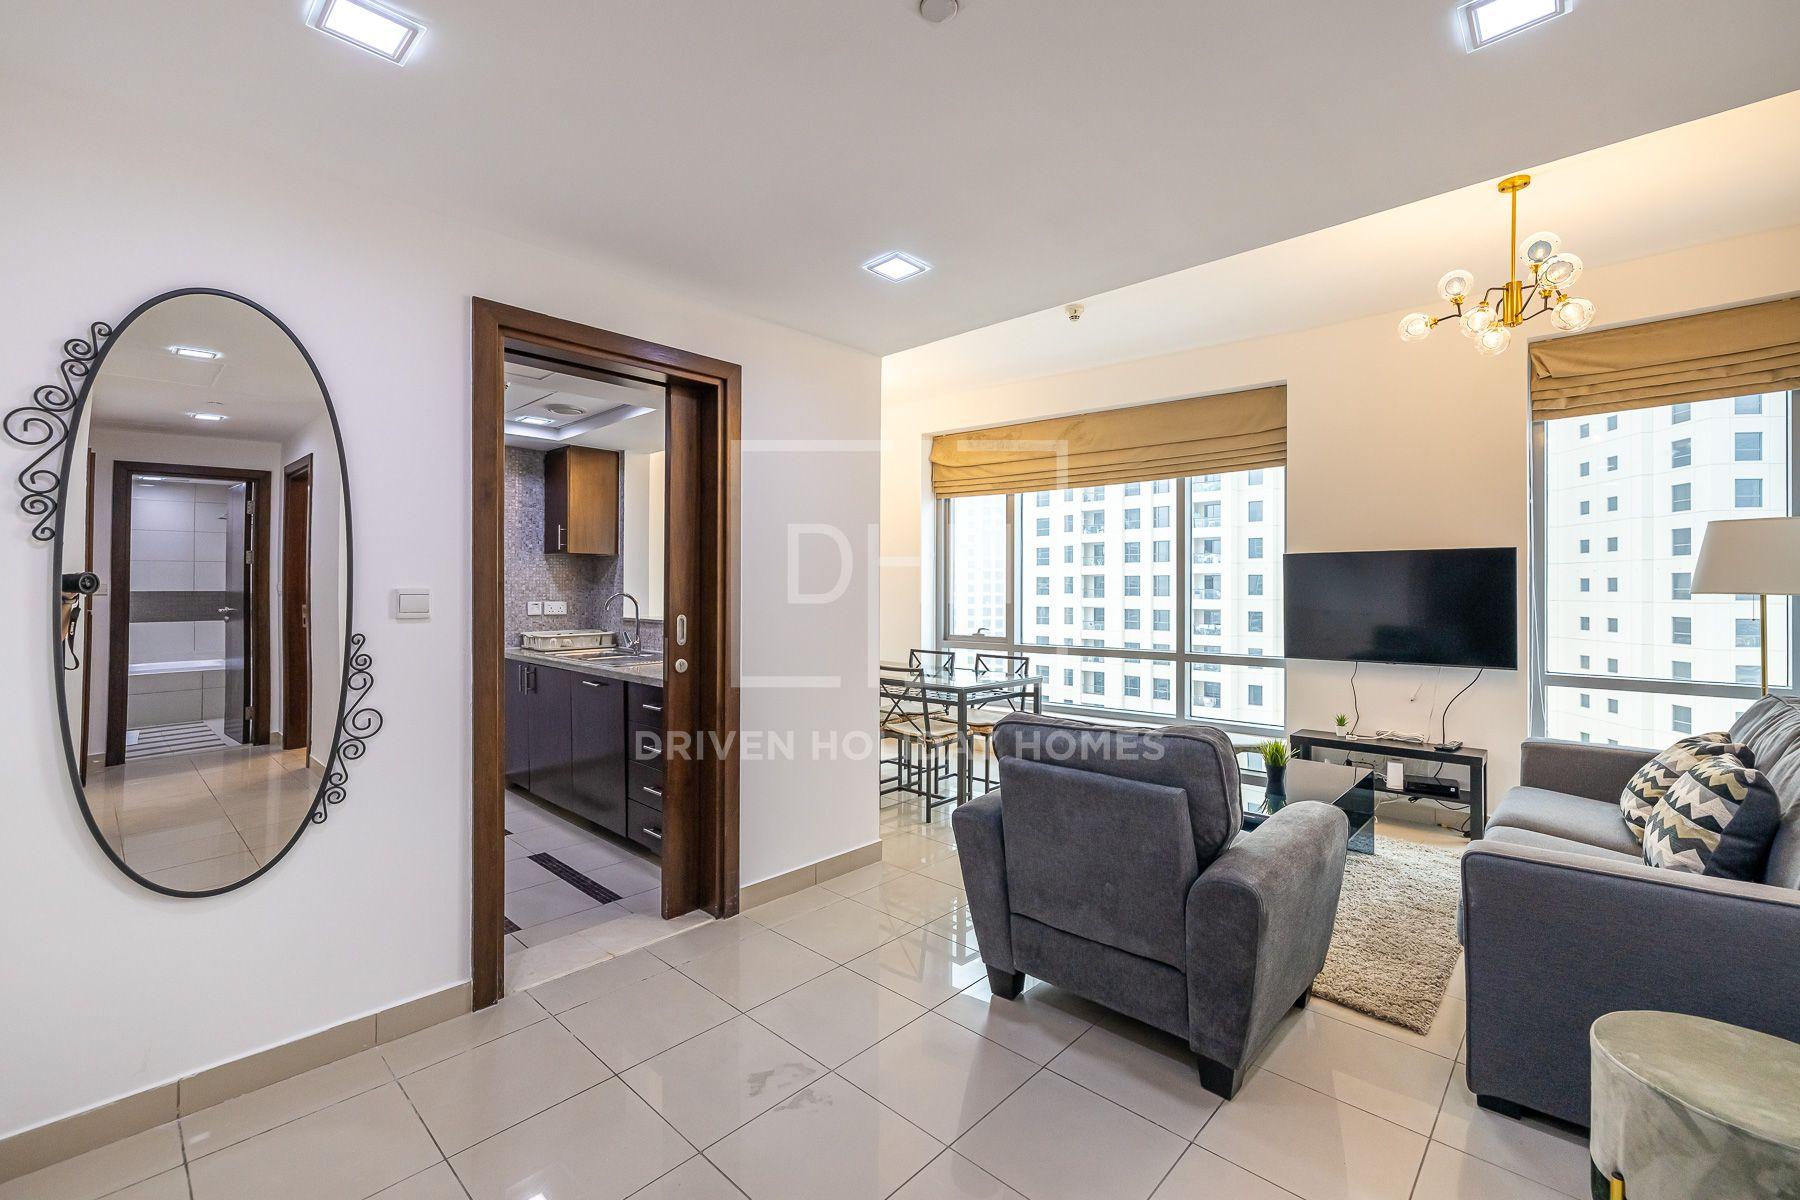 للايجار - شقة - برج سانيبال - دبي مارينا